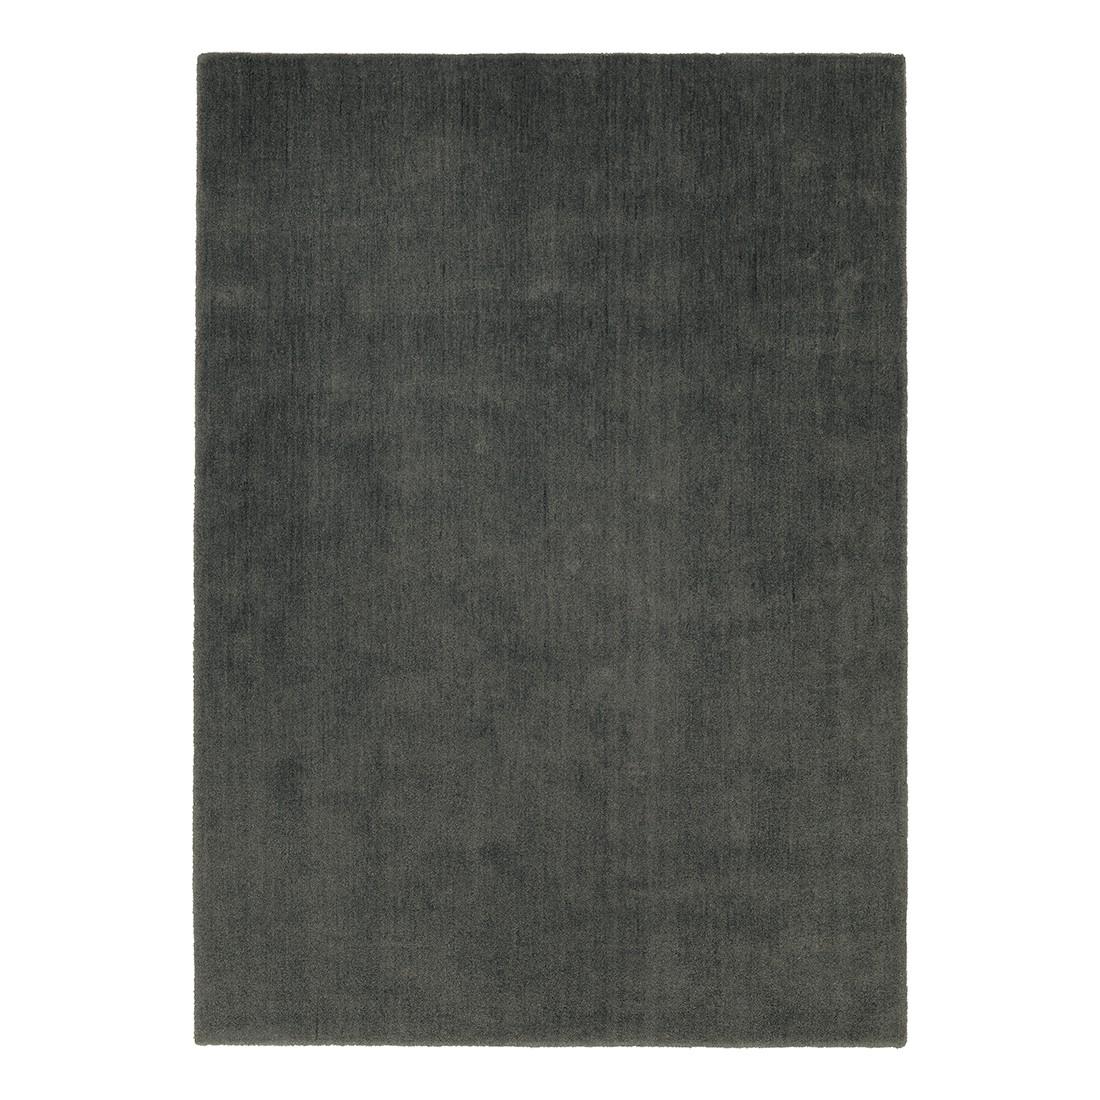 Tapijt Victoria I - grijs - 140x200cm, Schöner Wohnen Kollektion